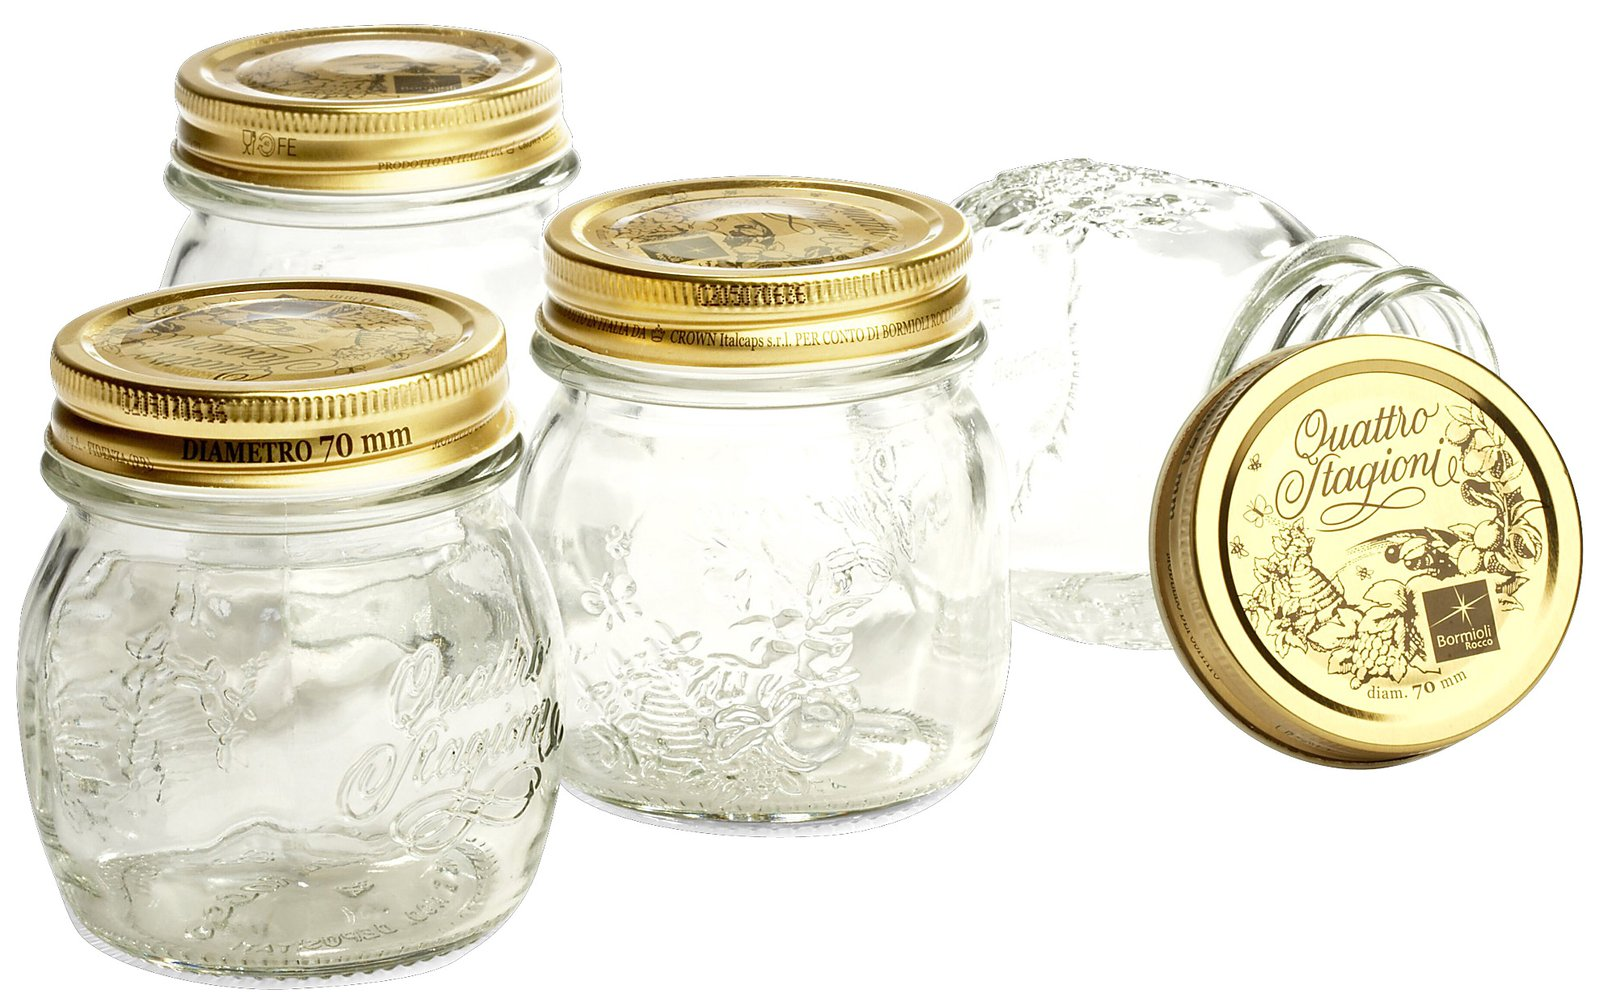 Come Sterilizzare Vasetti Per Conserve sterilizzare vasetti di vetro nel microonde